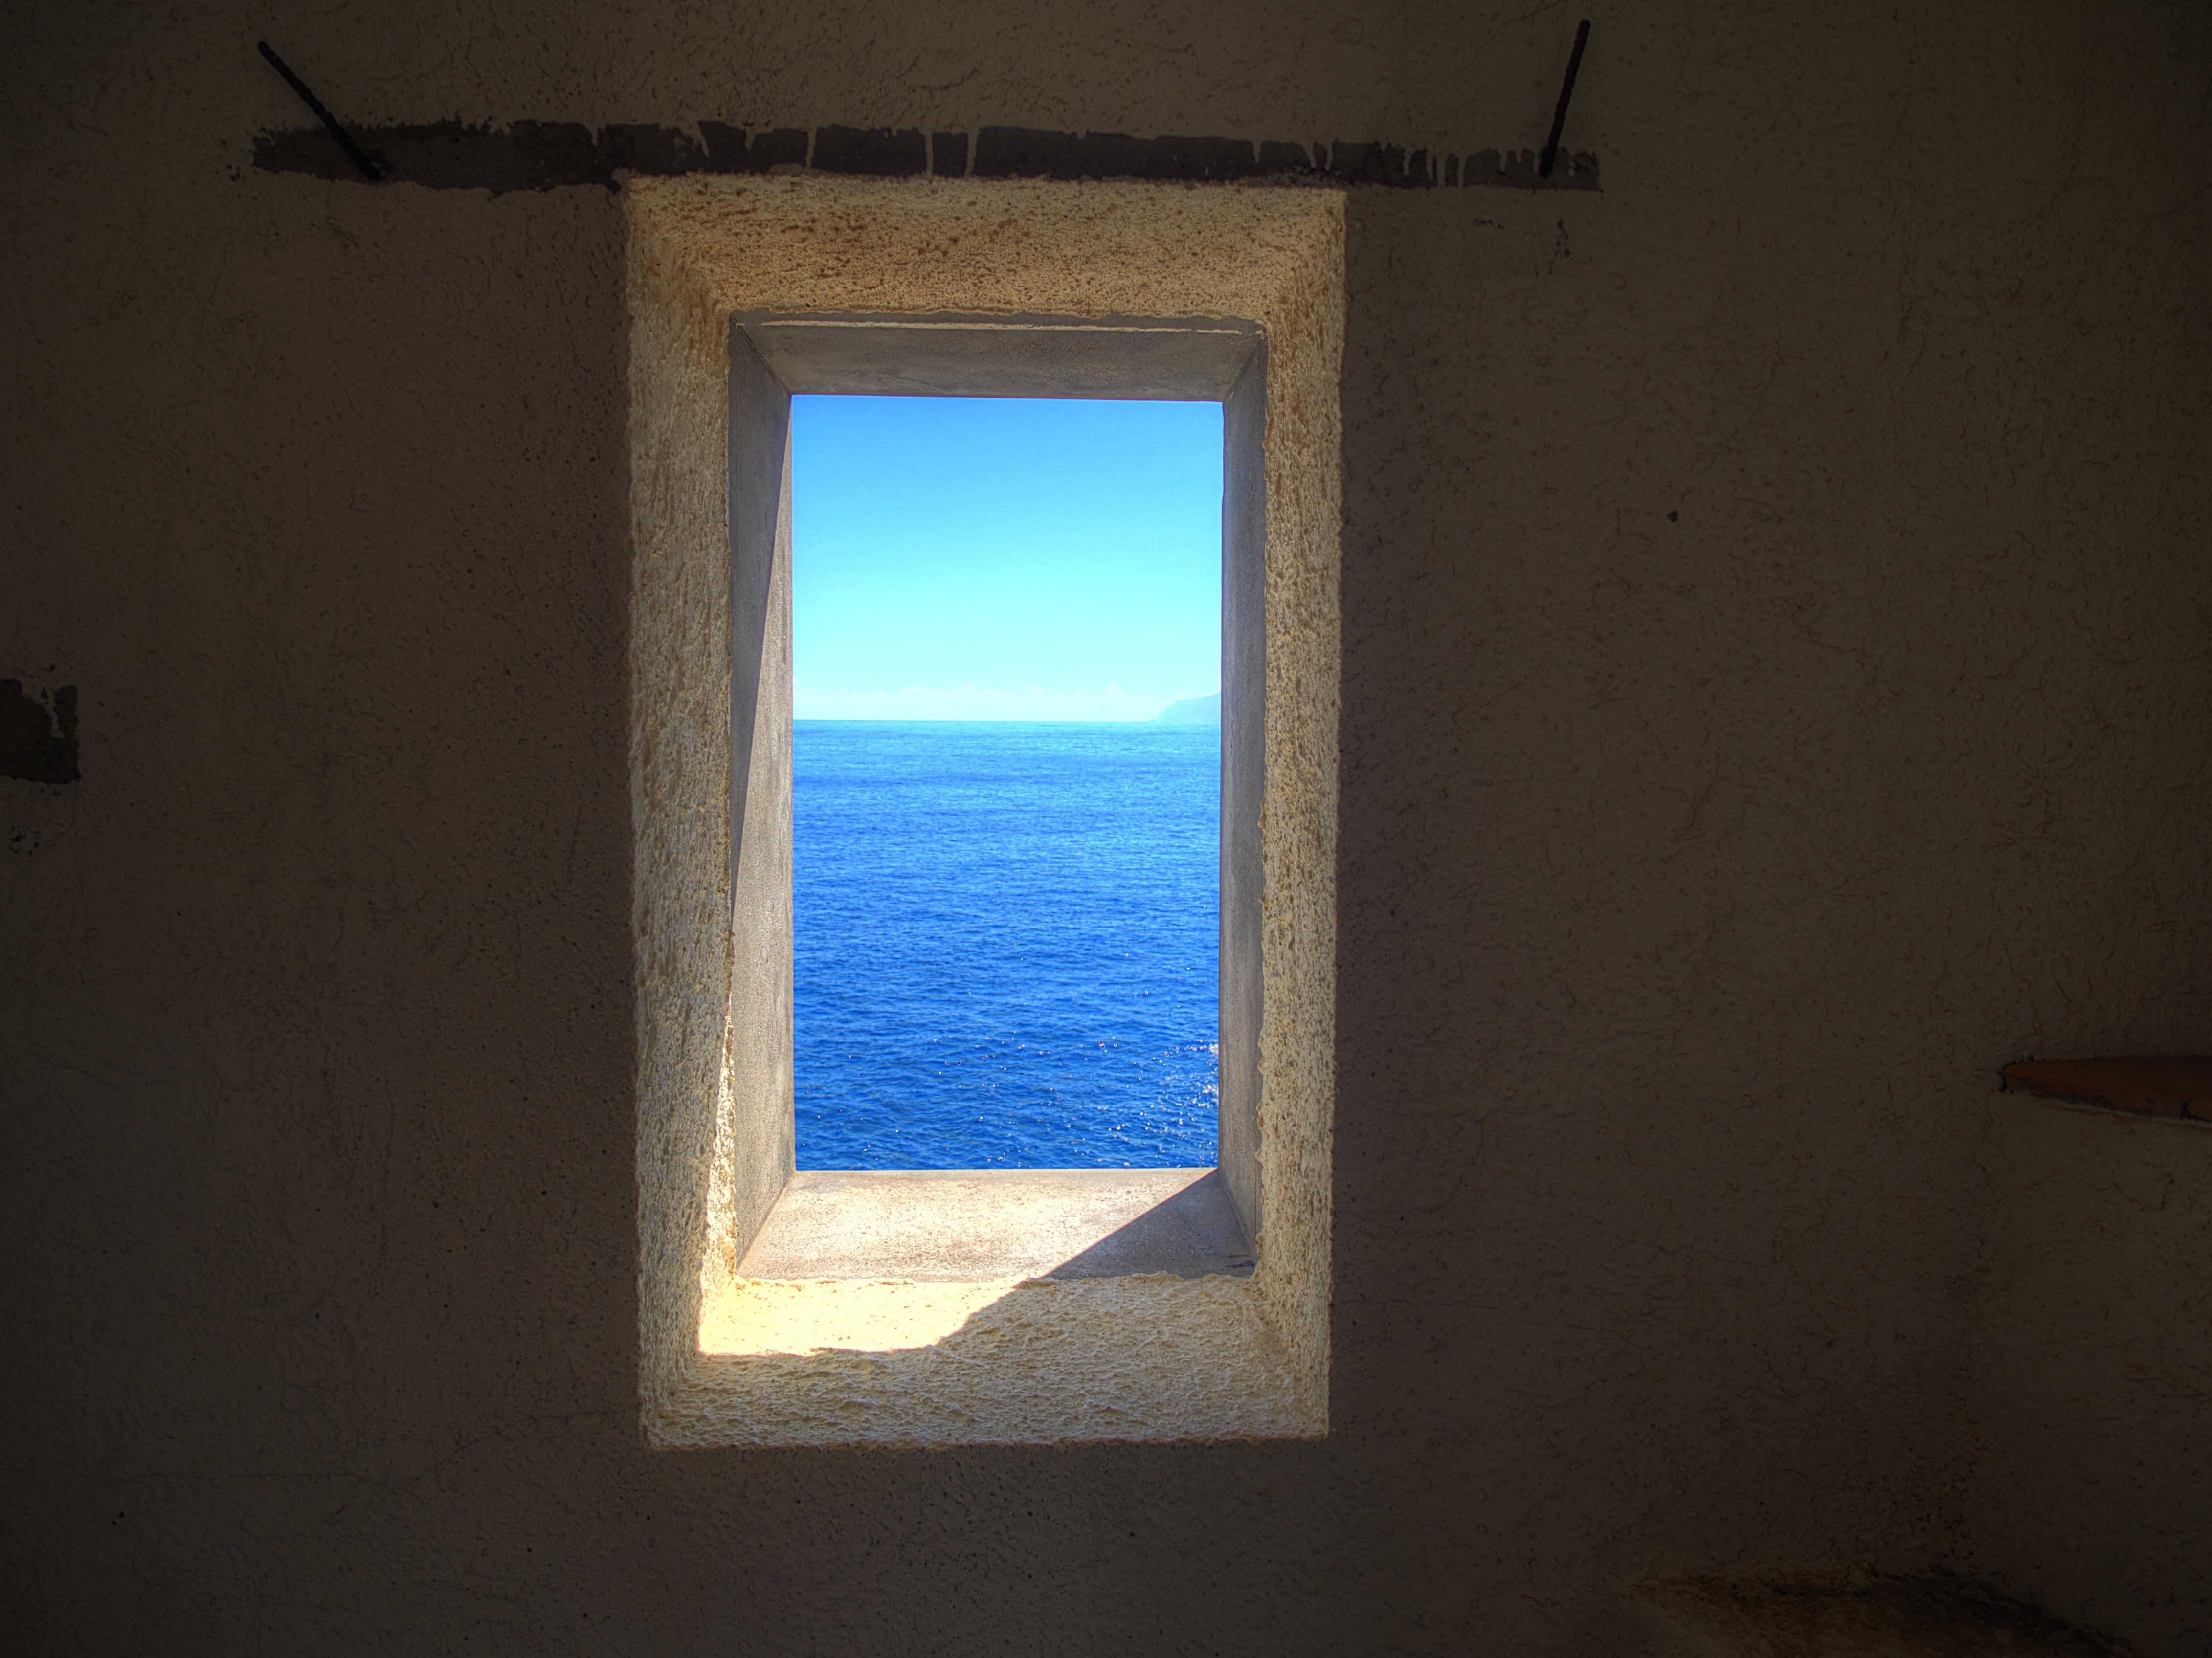 Immagini belle mare acqua leggero cielo casa finestra lago